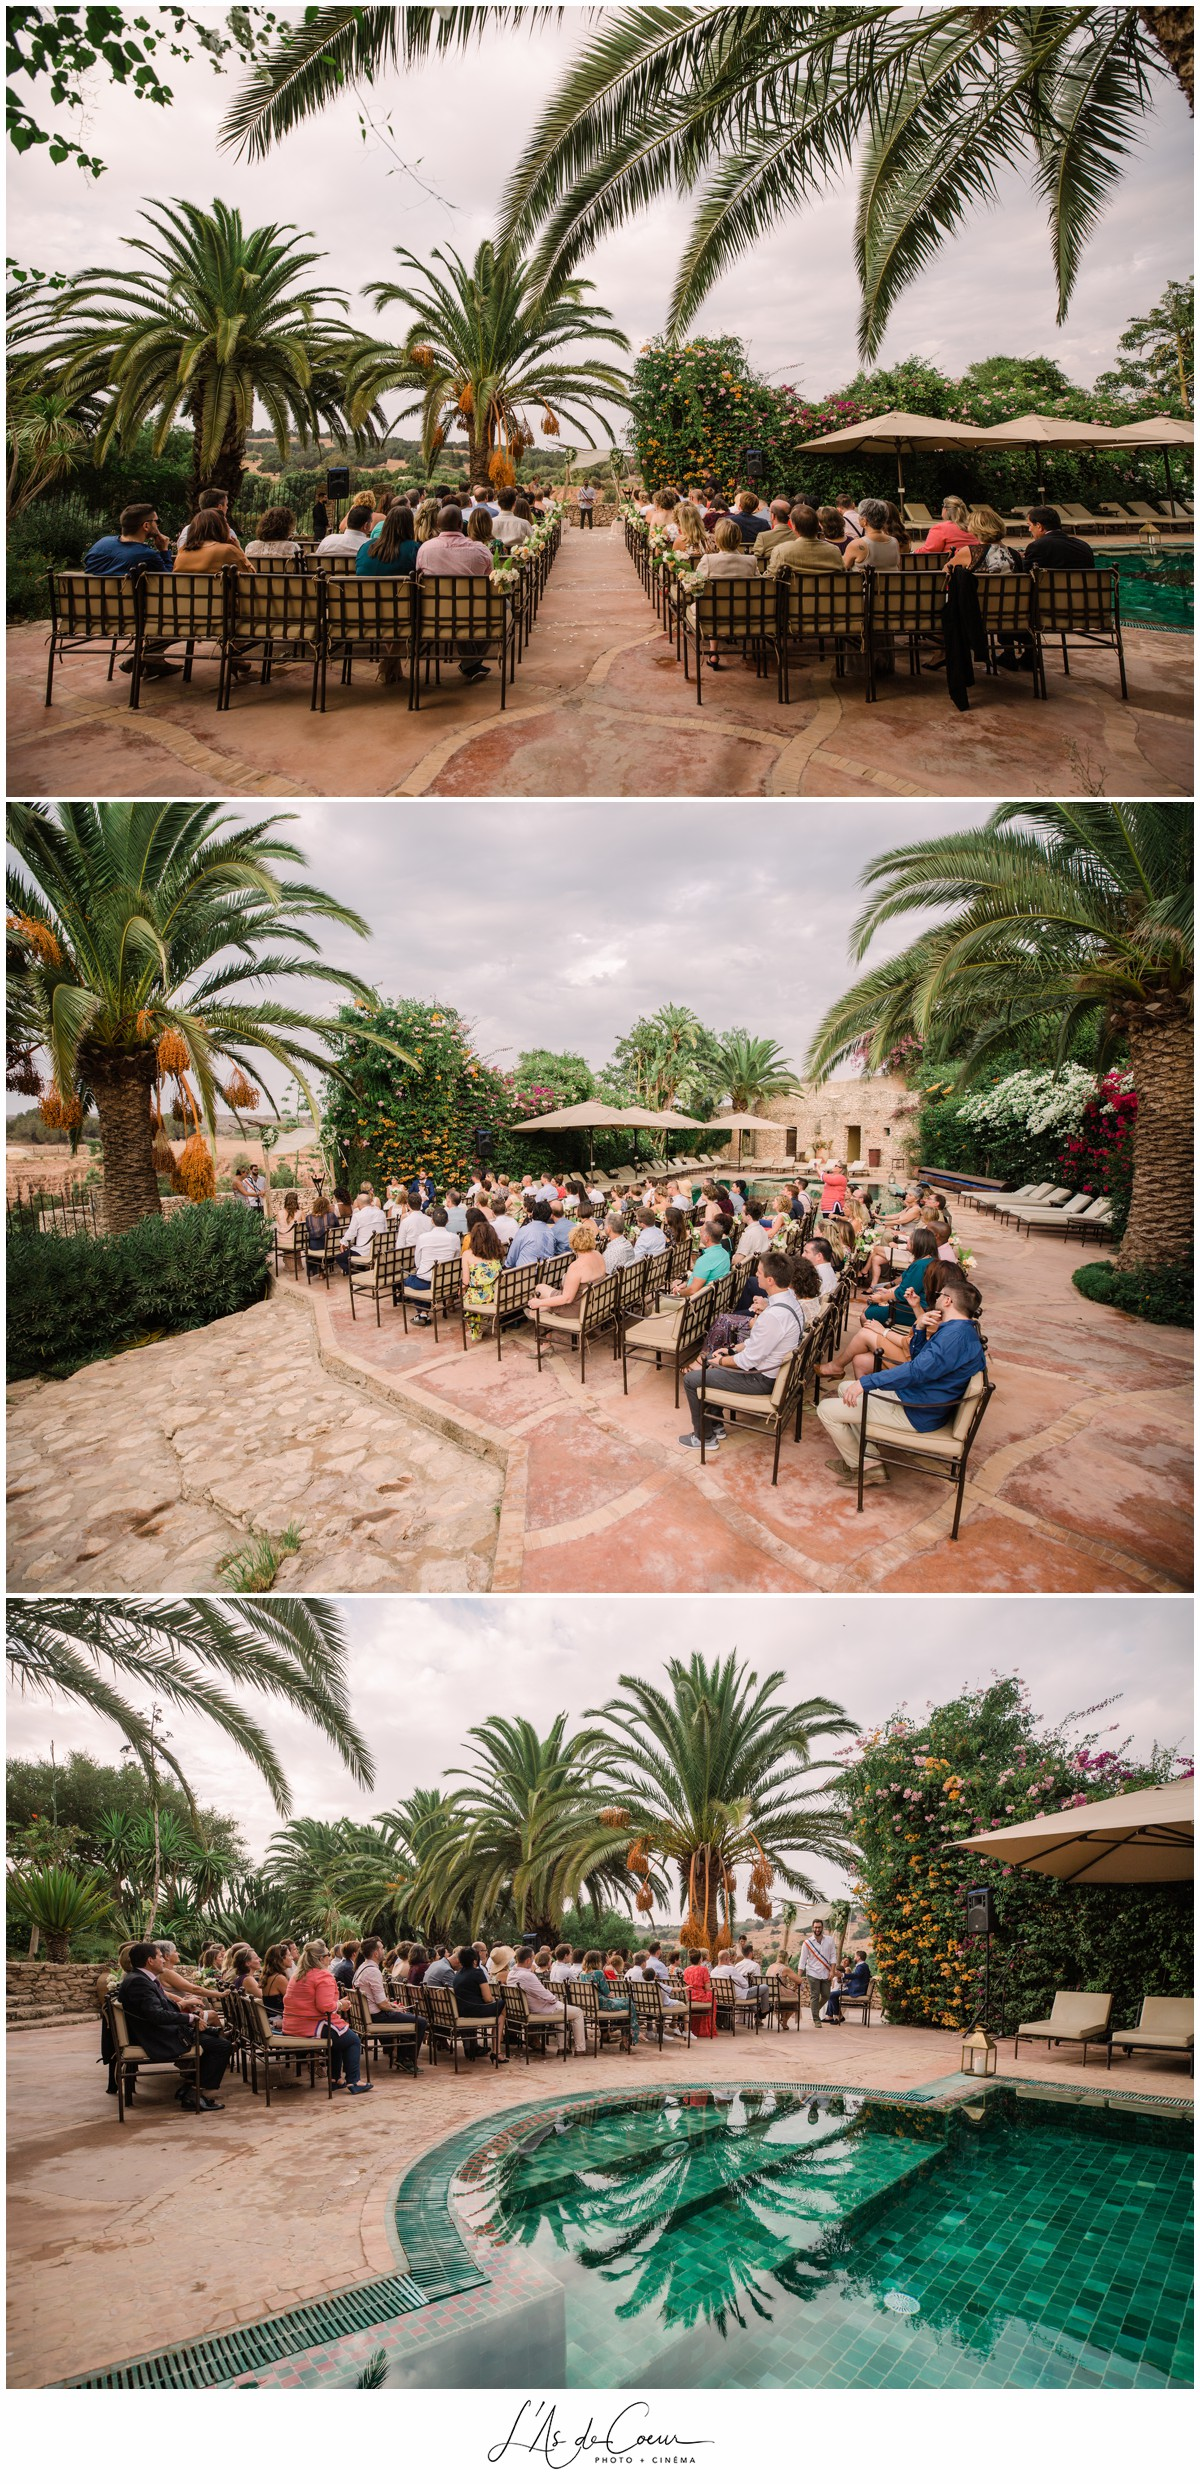 photographe Ceremonie Mariage Essaouira le Jardin des Douars Maroc ©lasdecoeurphoto